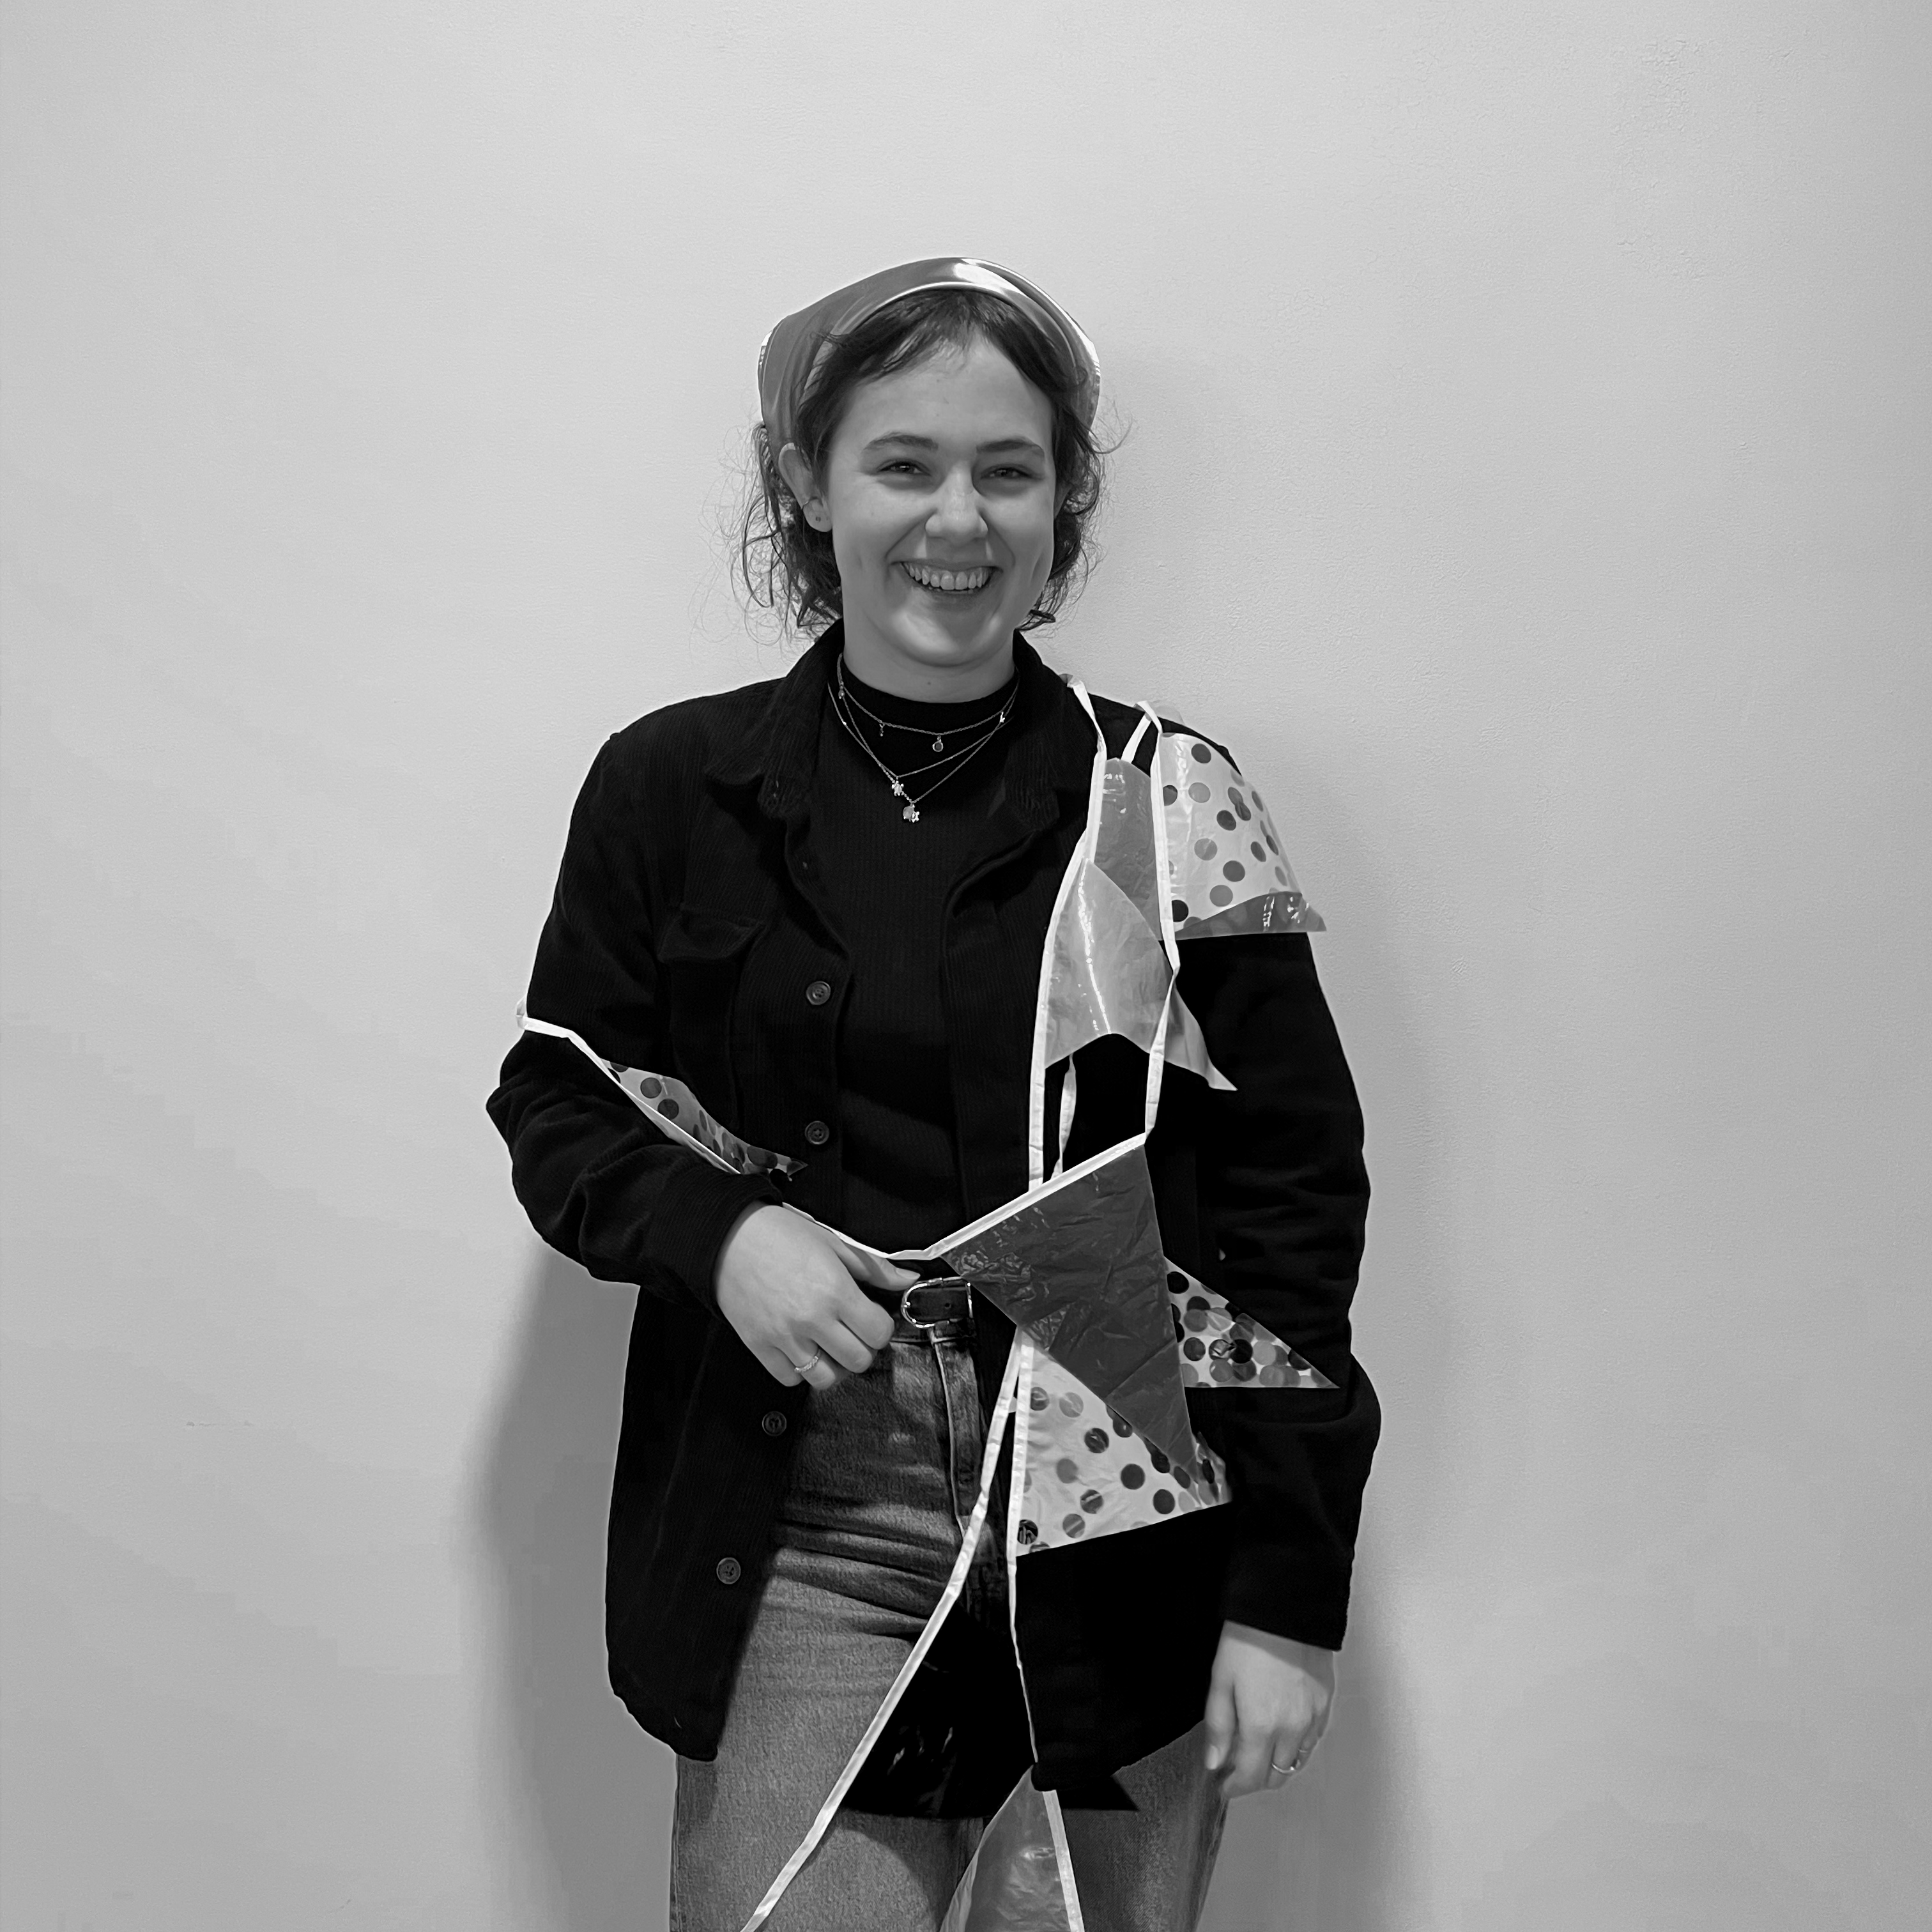 Mandy Boomgaarden